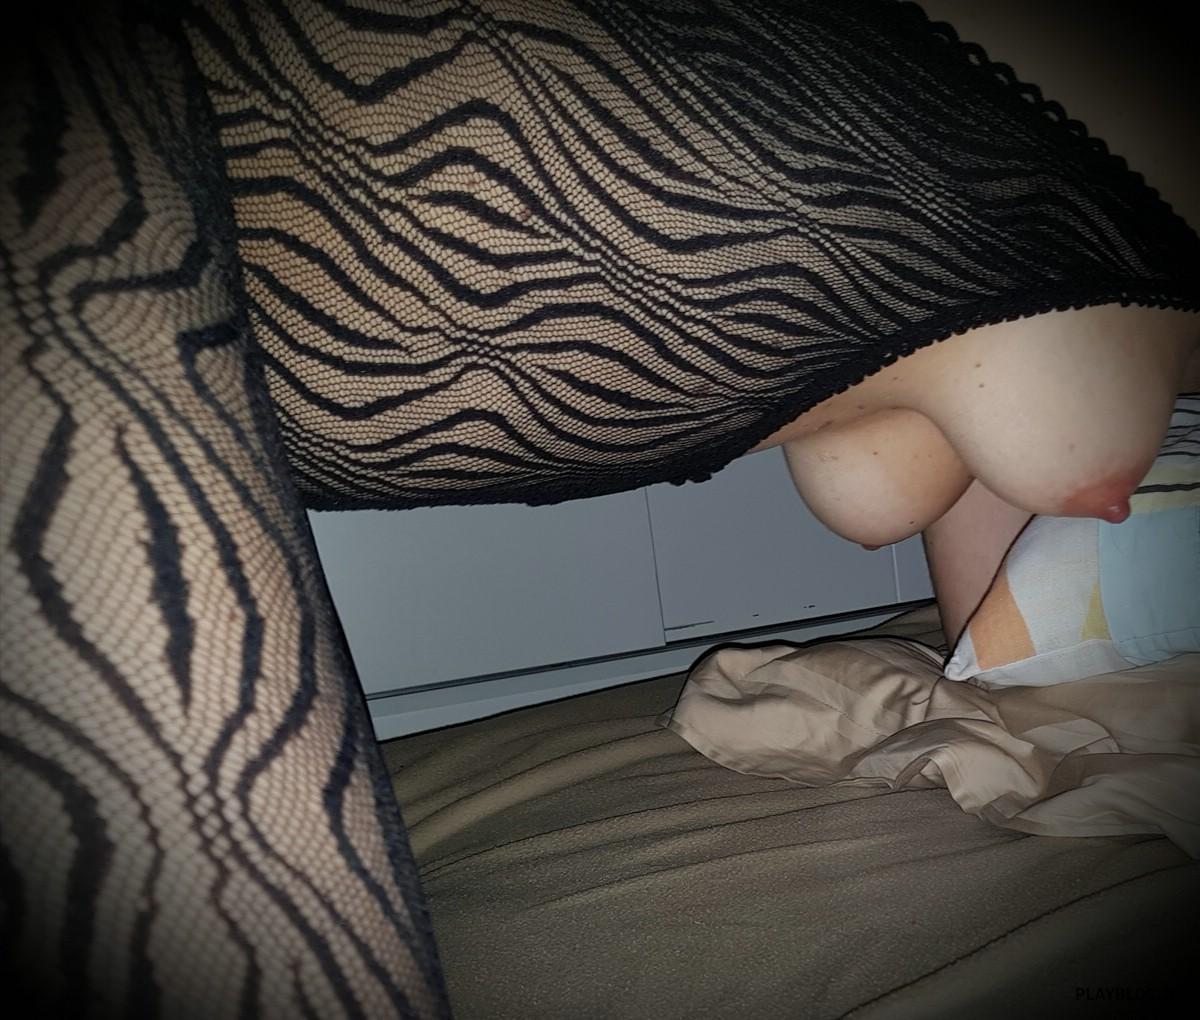 Casal Samp@ - Noite de sexo